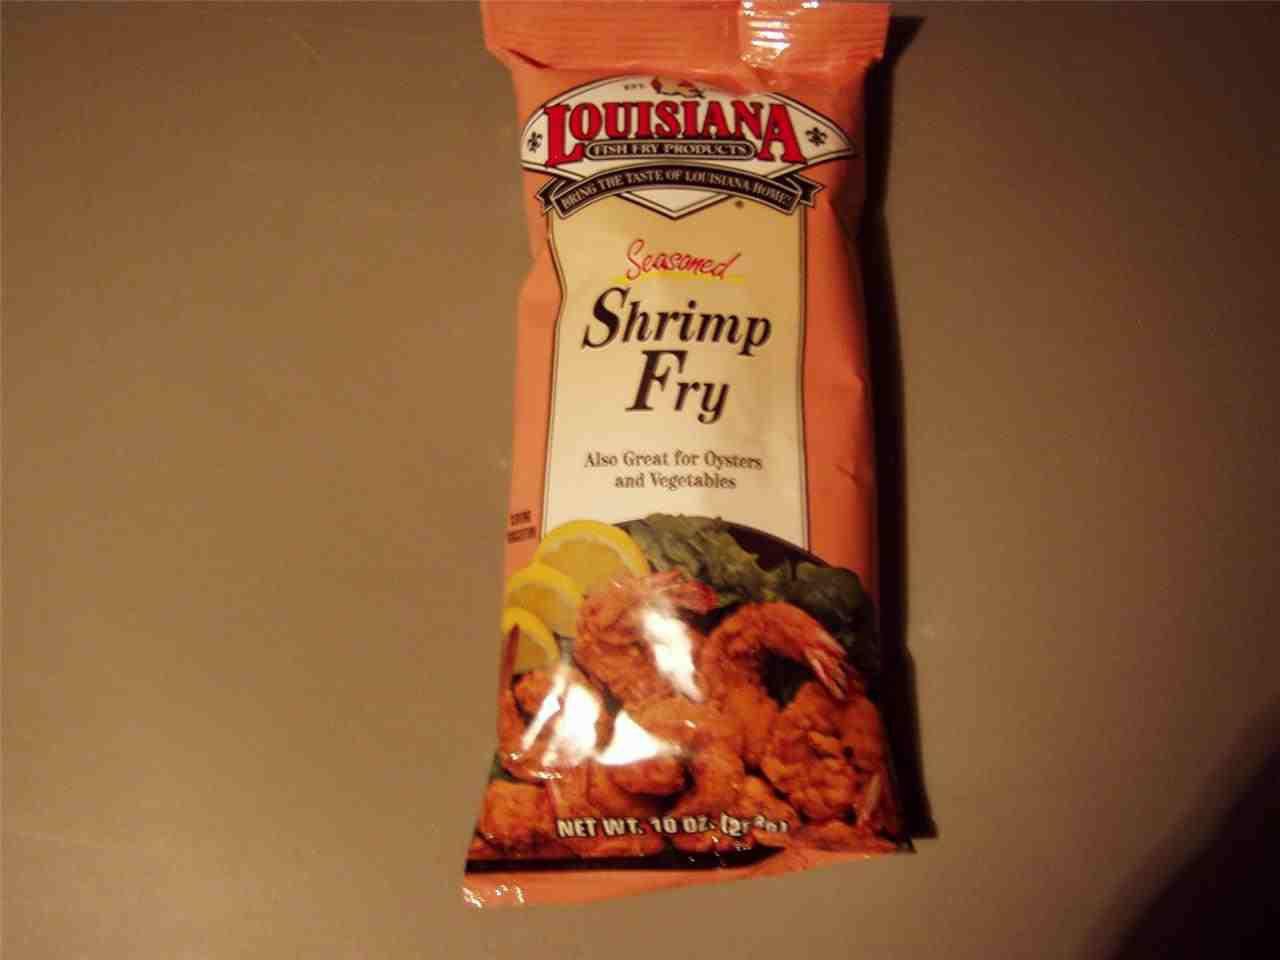 Louisiana fish fry products seasoned shrimp fry batter mix for Fish fry mix